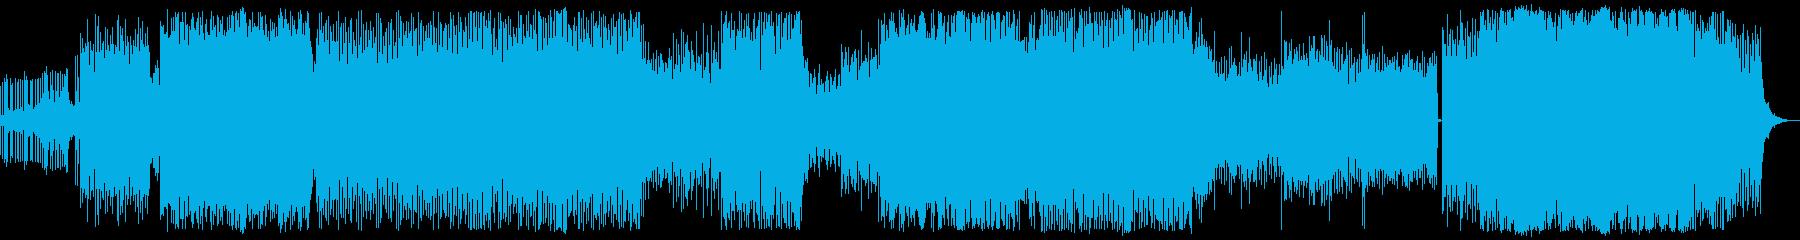 90年代風のエレクトロの再生済みの波形